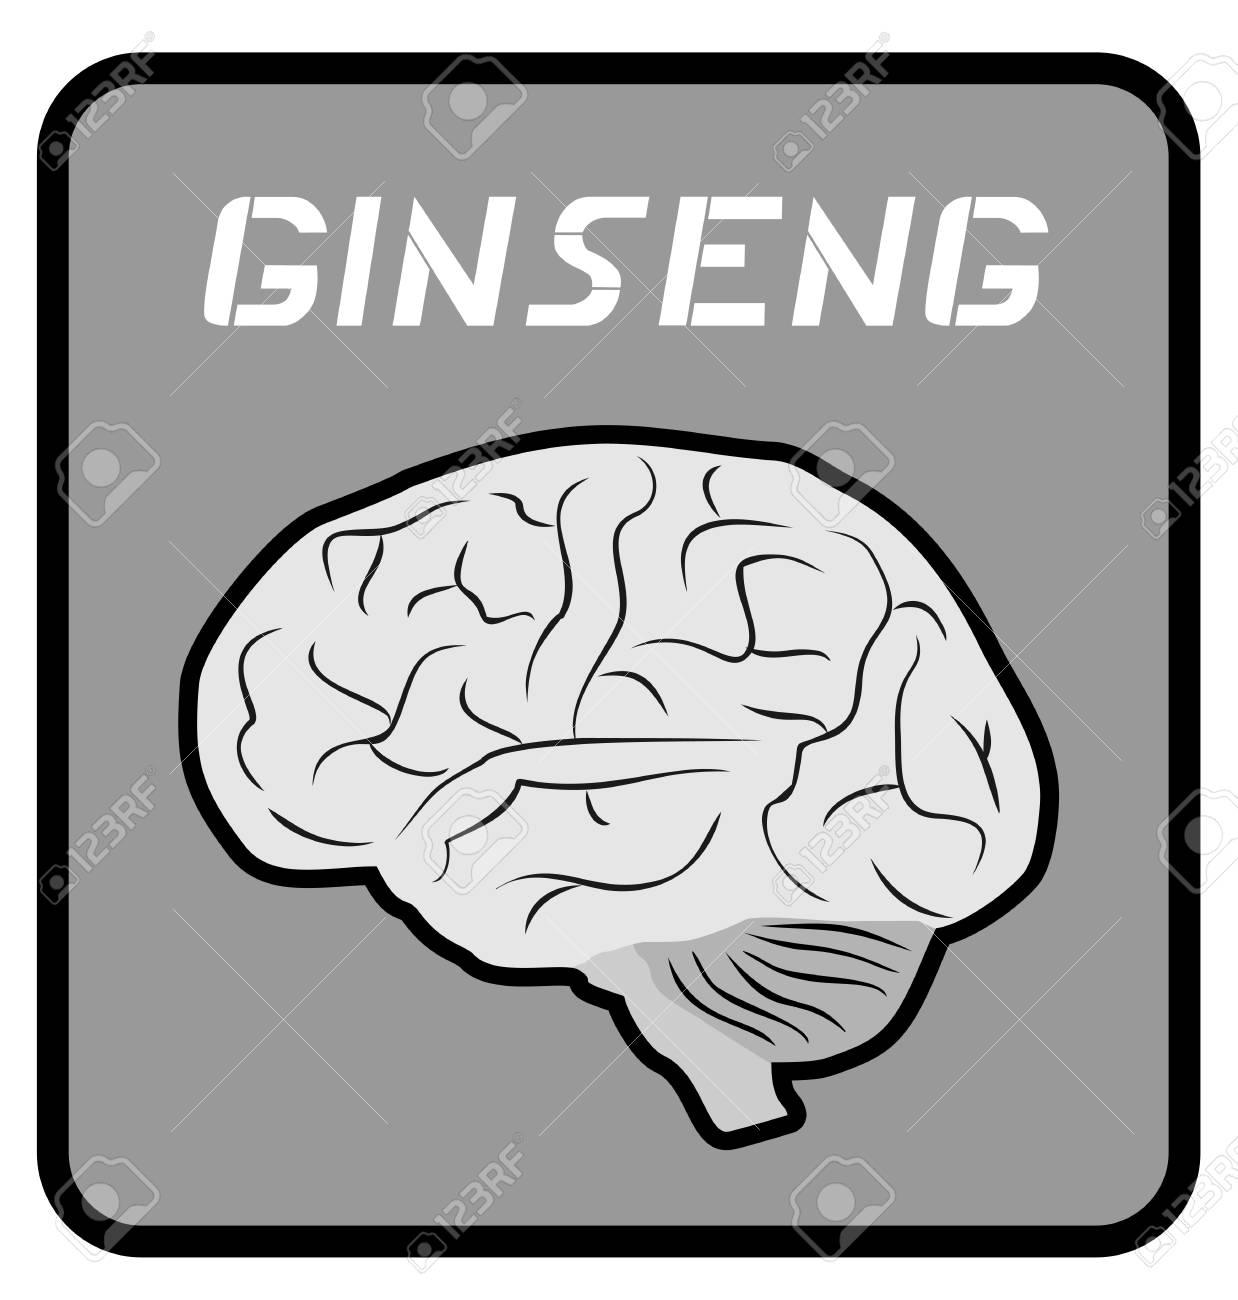 Ginseng brain emblem Stock Vector - 13532442